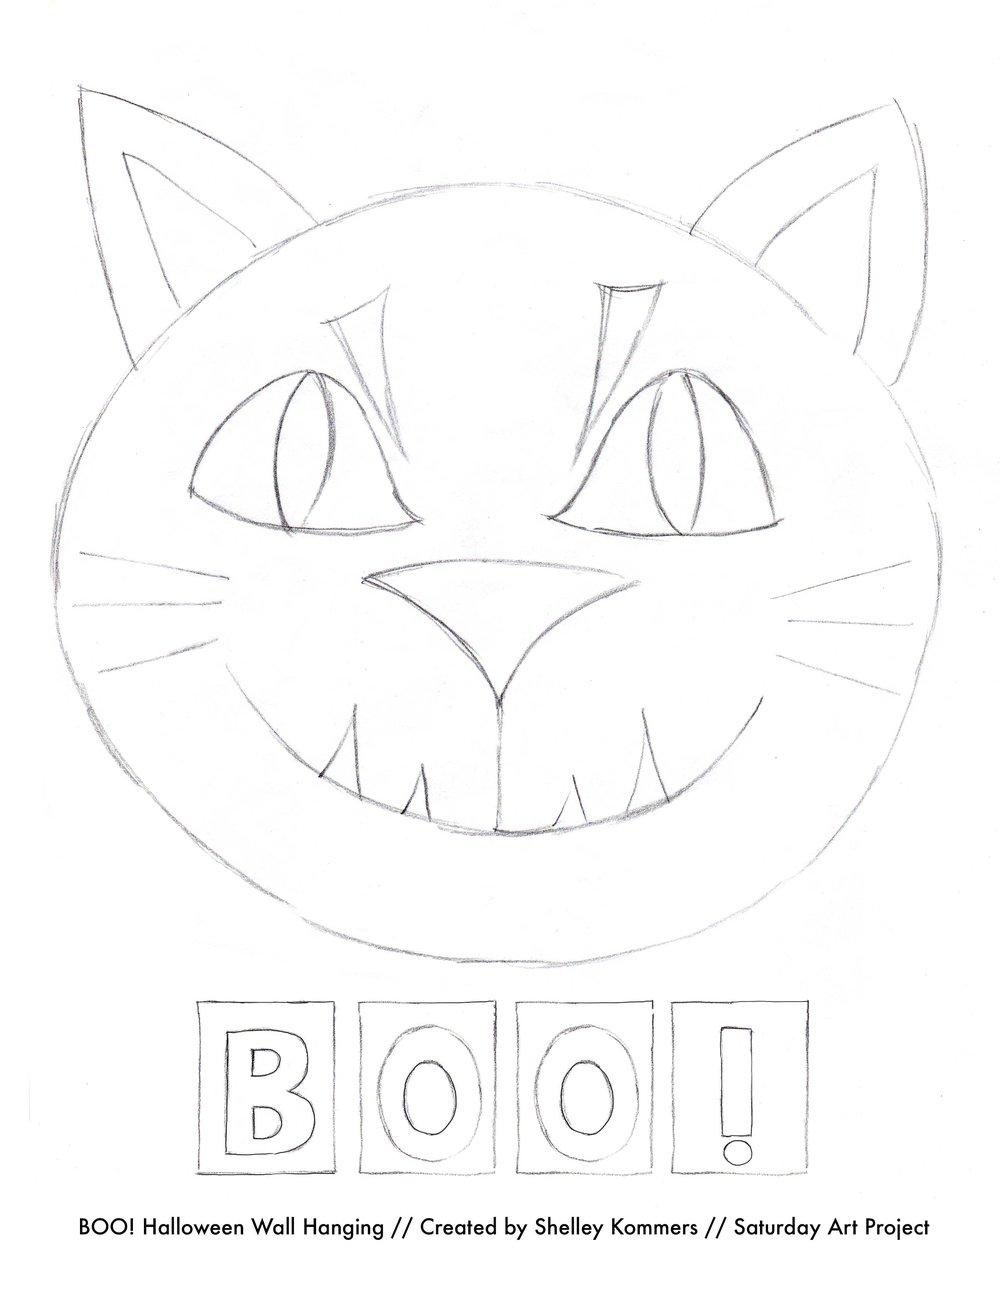 HalloweenDoorHanger2.jpg